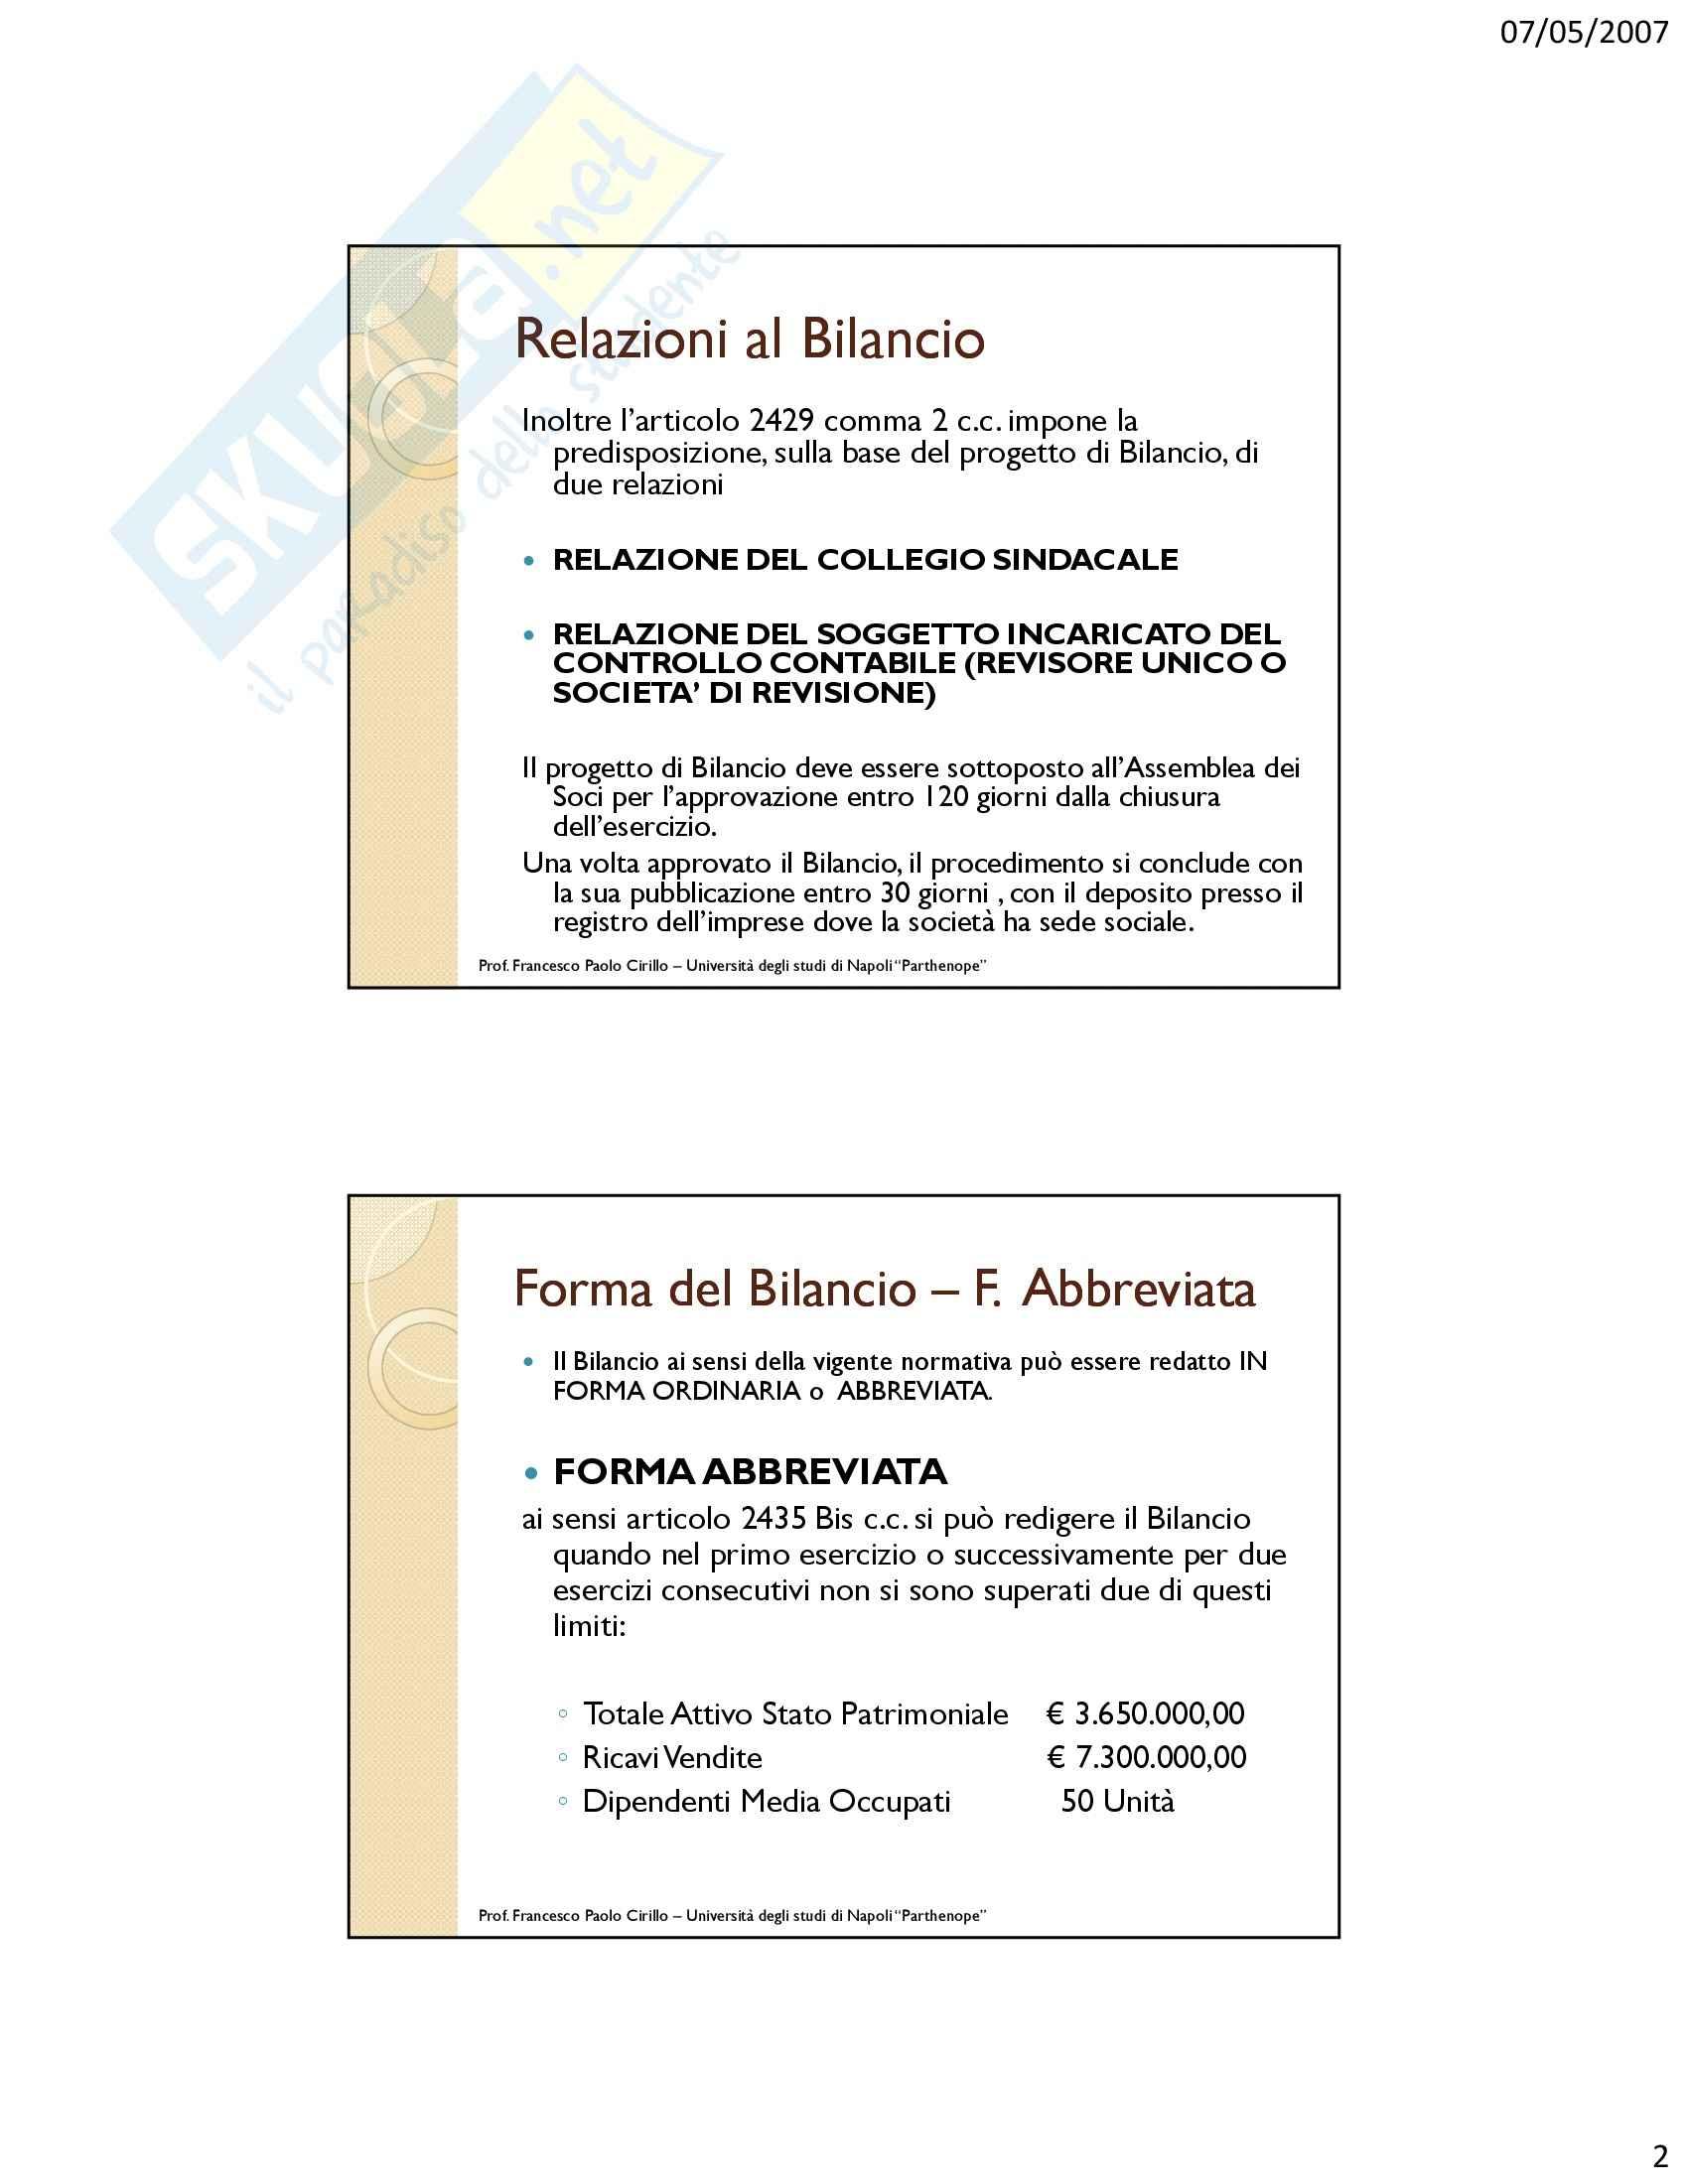 Ragioneria - immobilizzazioni immateriali e materiali - Appunti Pag. 2